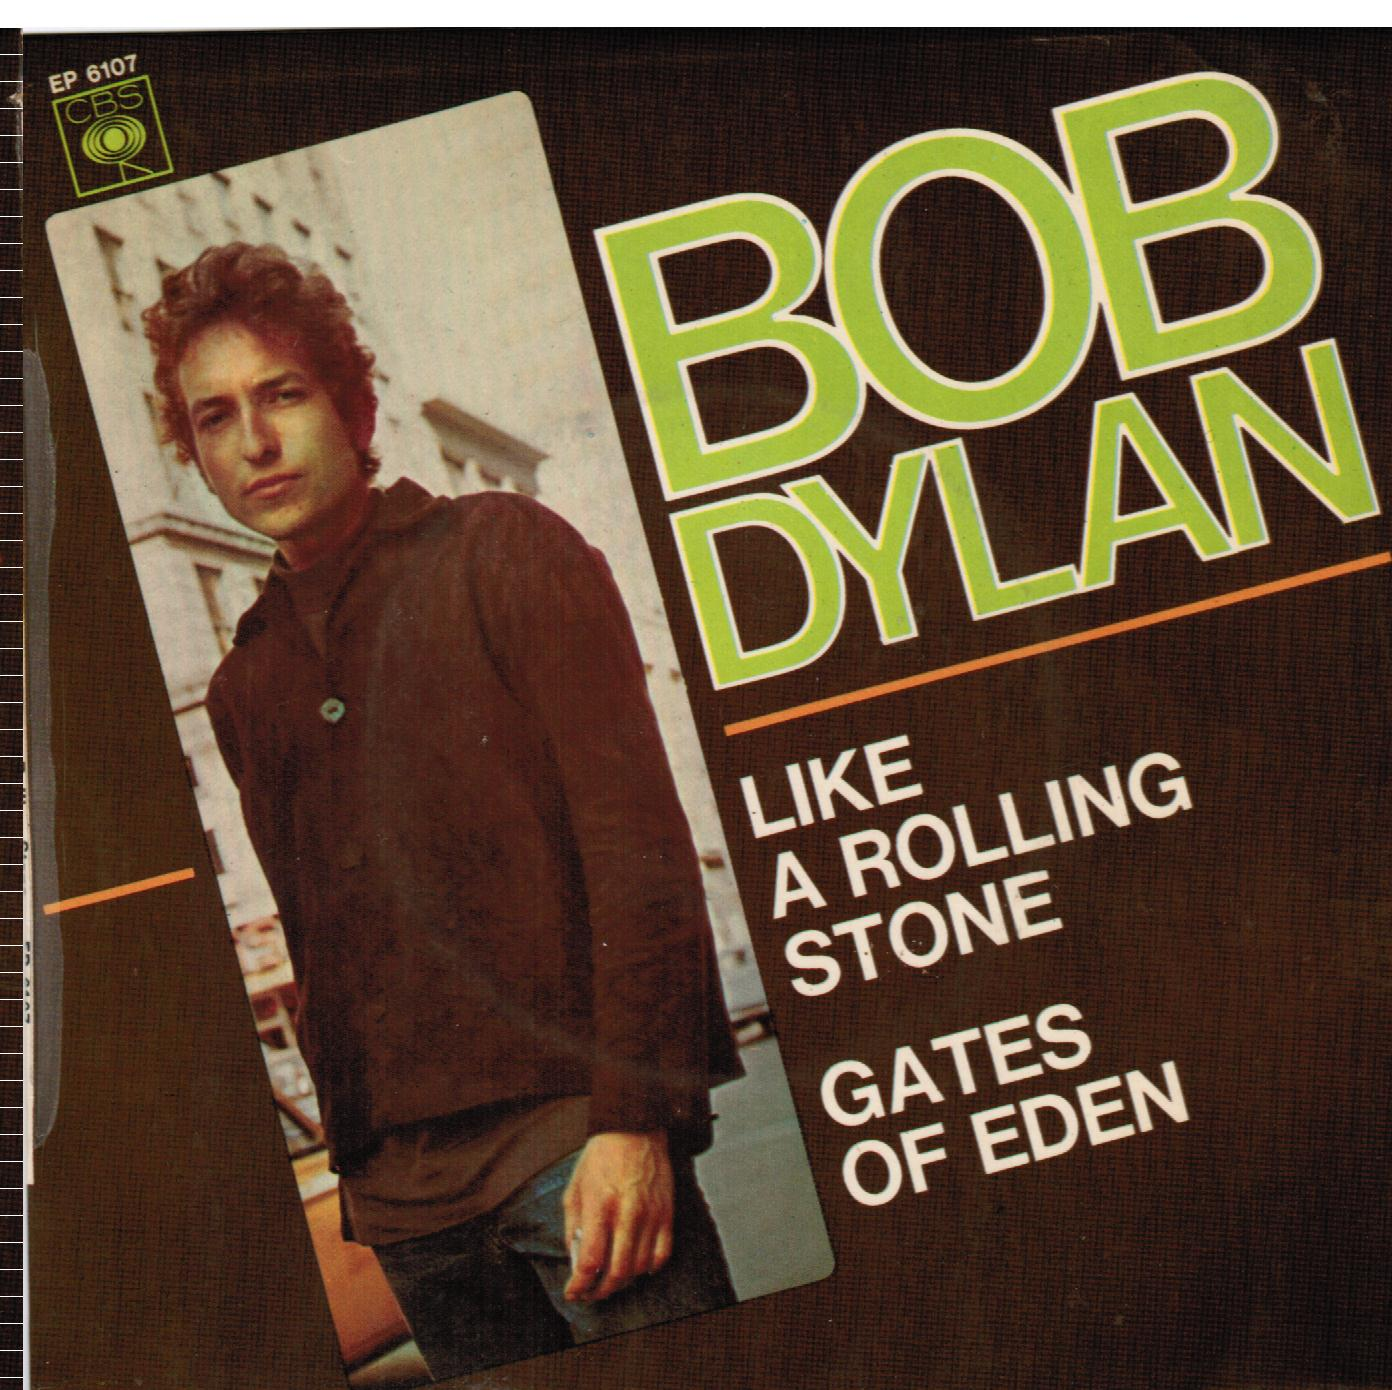 Bob Dylan Un Poeta Un Artista